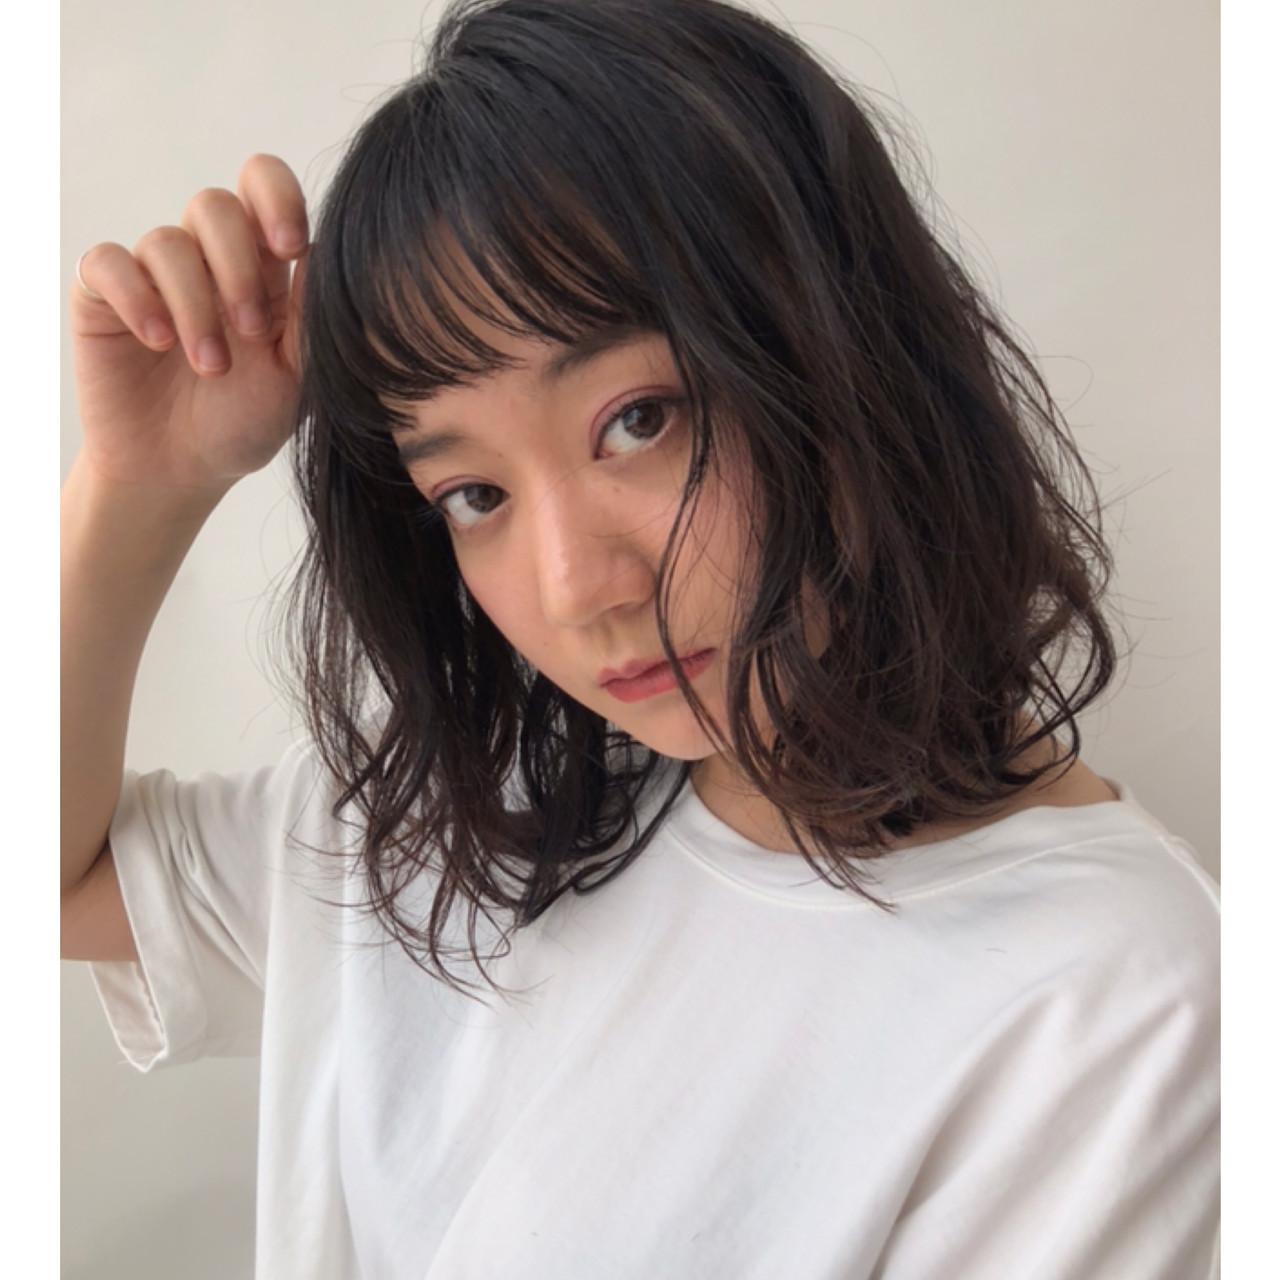 デジタルパーマ ナチュラル ミディアム 前髪あり ヘアスタイルや髪型の写真・画像